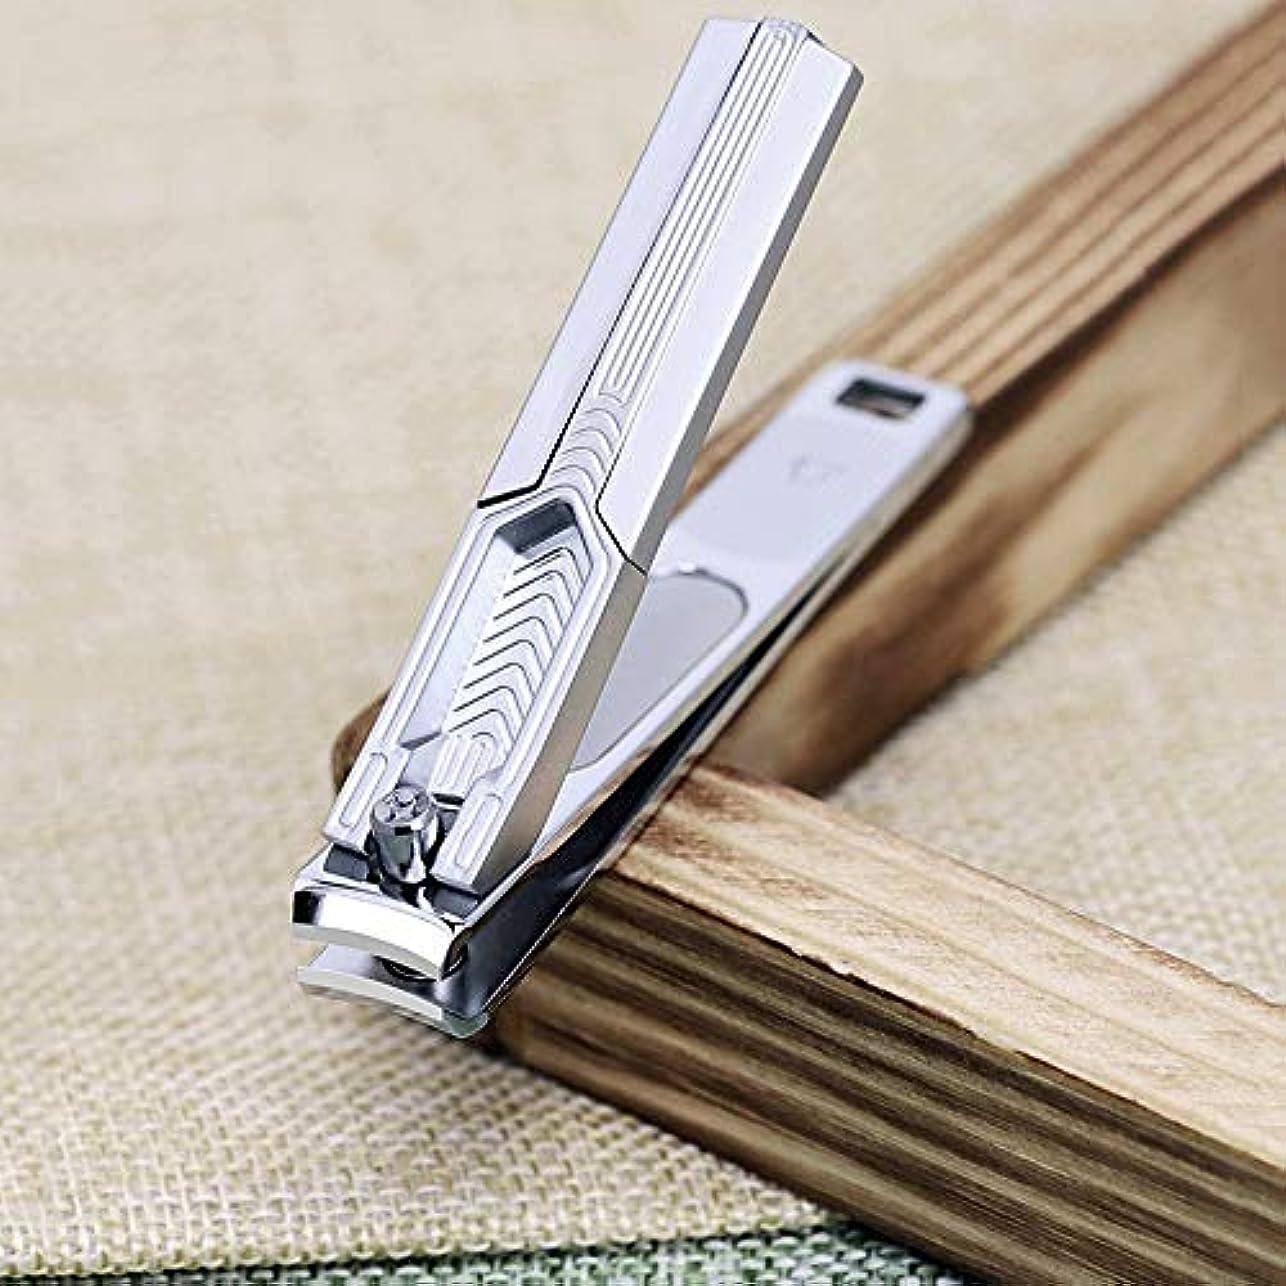 罰ここに修正ネイルクリッパーセット、爪&足の爪切り、大人のための耐久性のある鋭いステンレス鋼のネイルカッター Blingstars